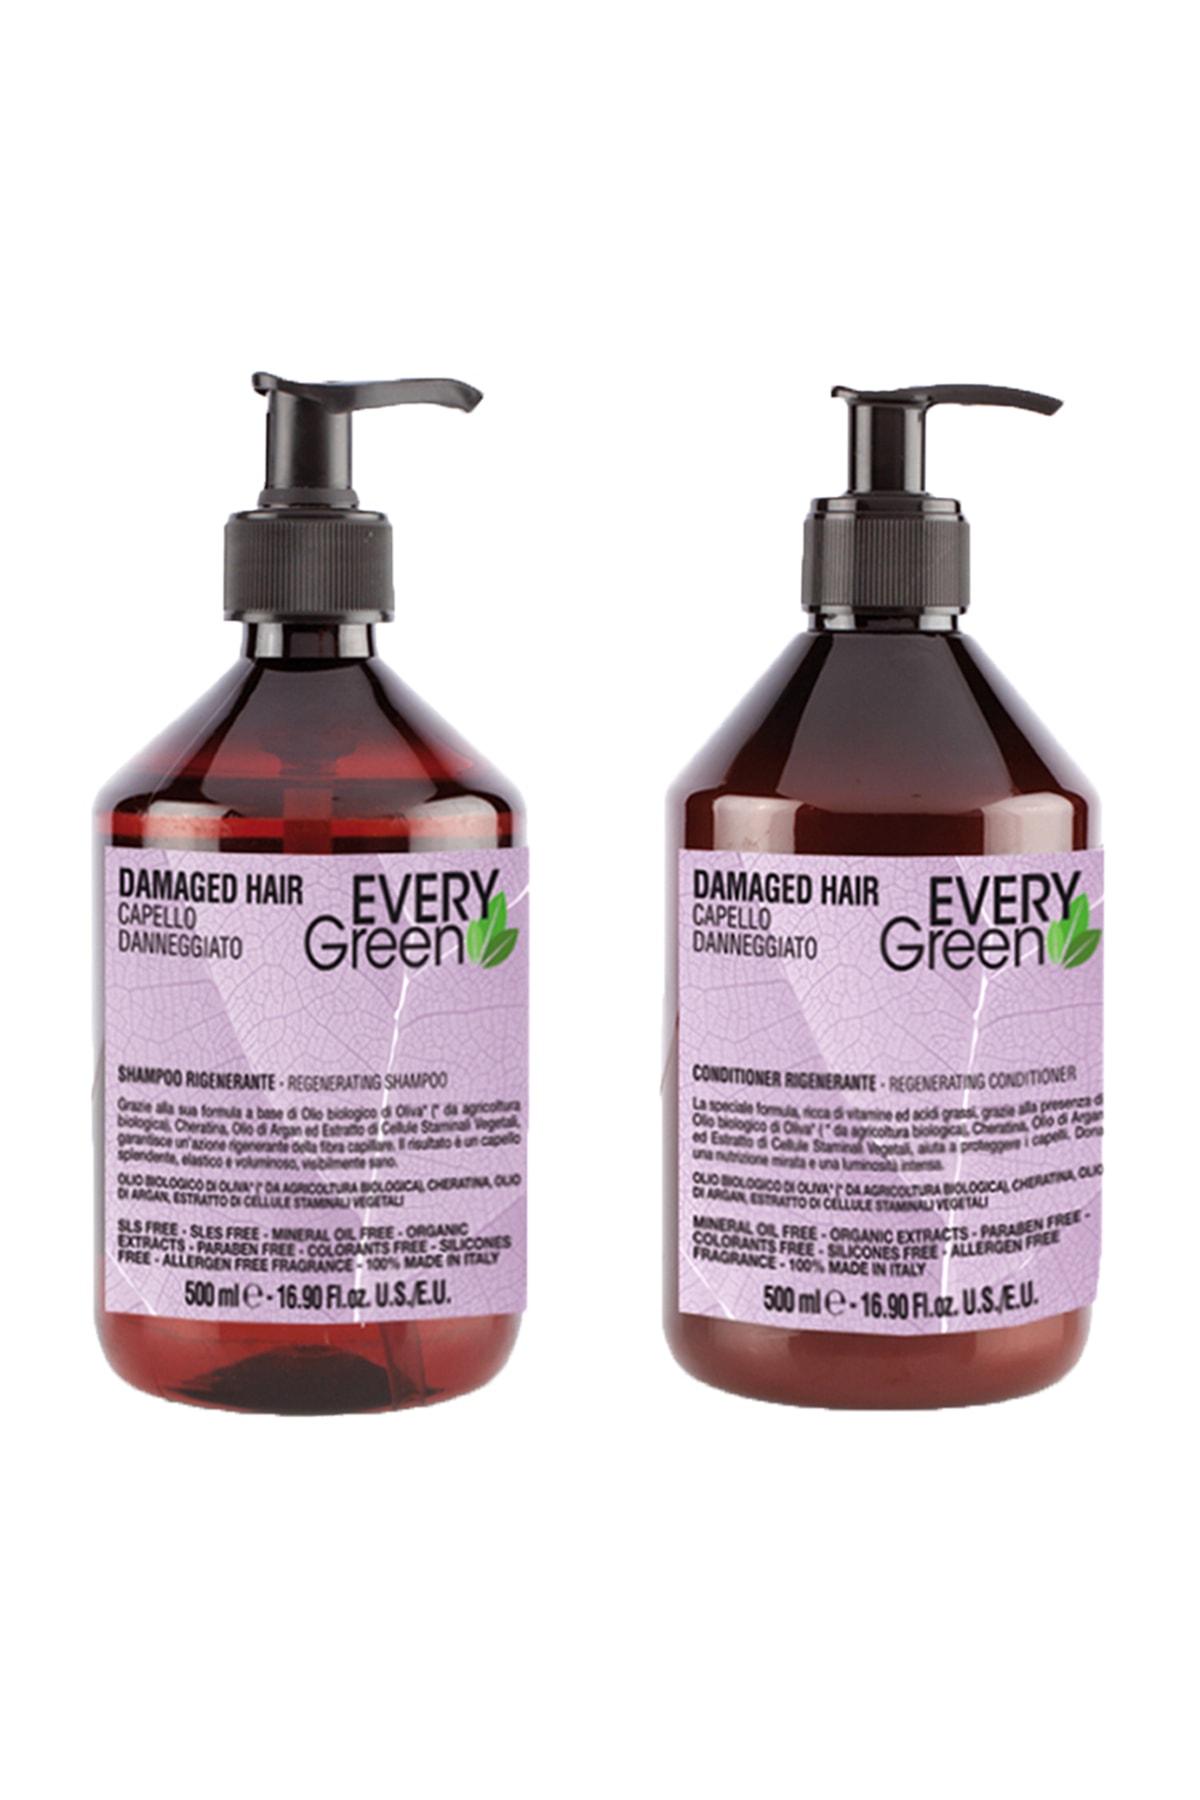 EveryGreen Yeniden Yapılandırıcı ve Onarıcı Yıpranmış Saçlar Serisi- Damaged Hair 500ml Şampuan + 500ml Krem 0